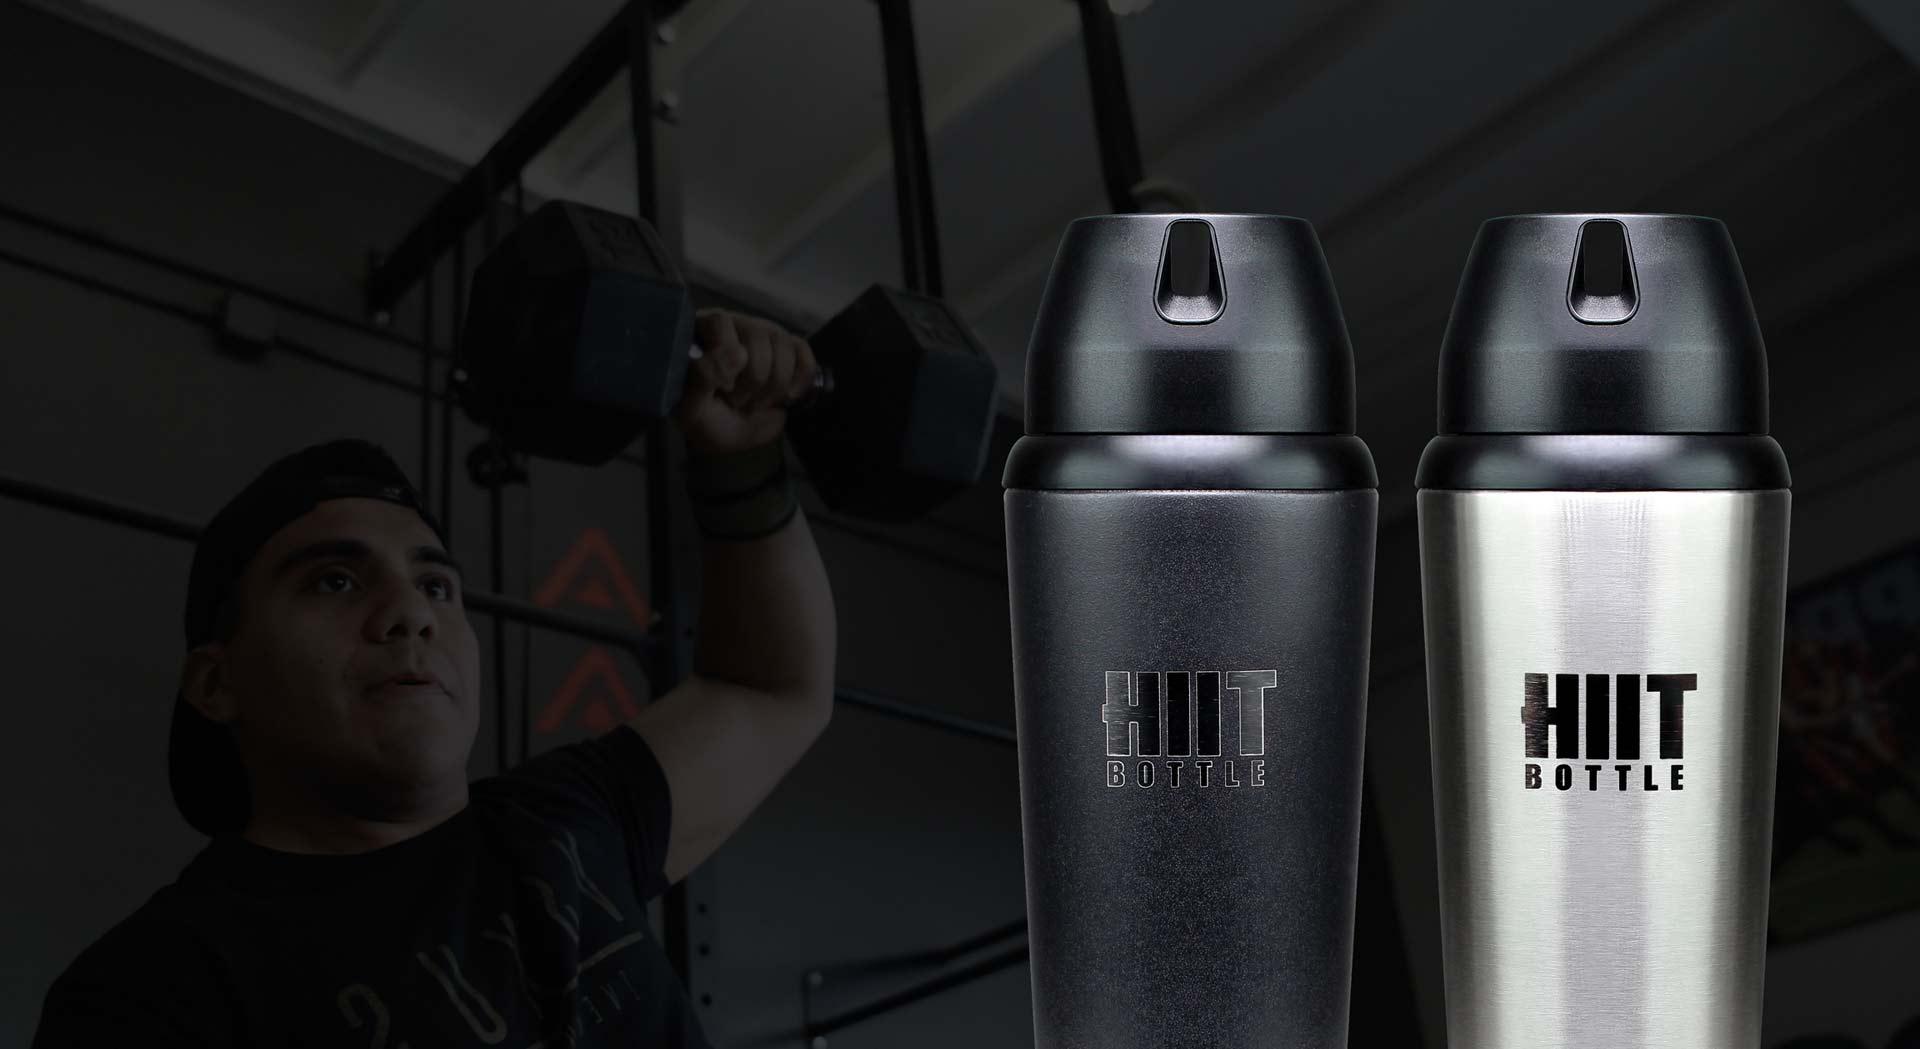 HIIT Bottle Protein Shaker Bottles